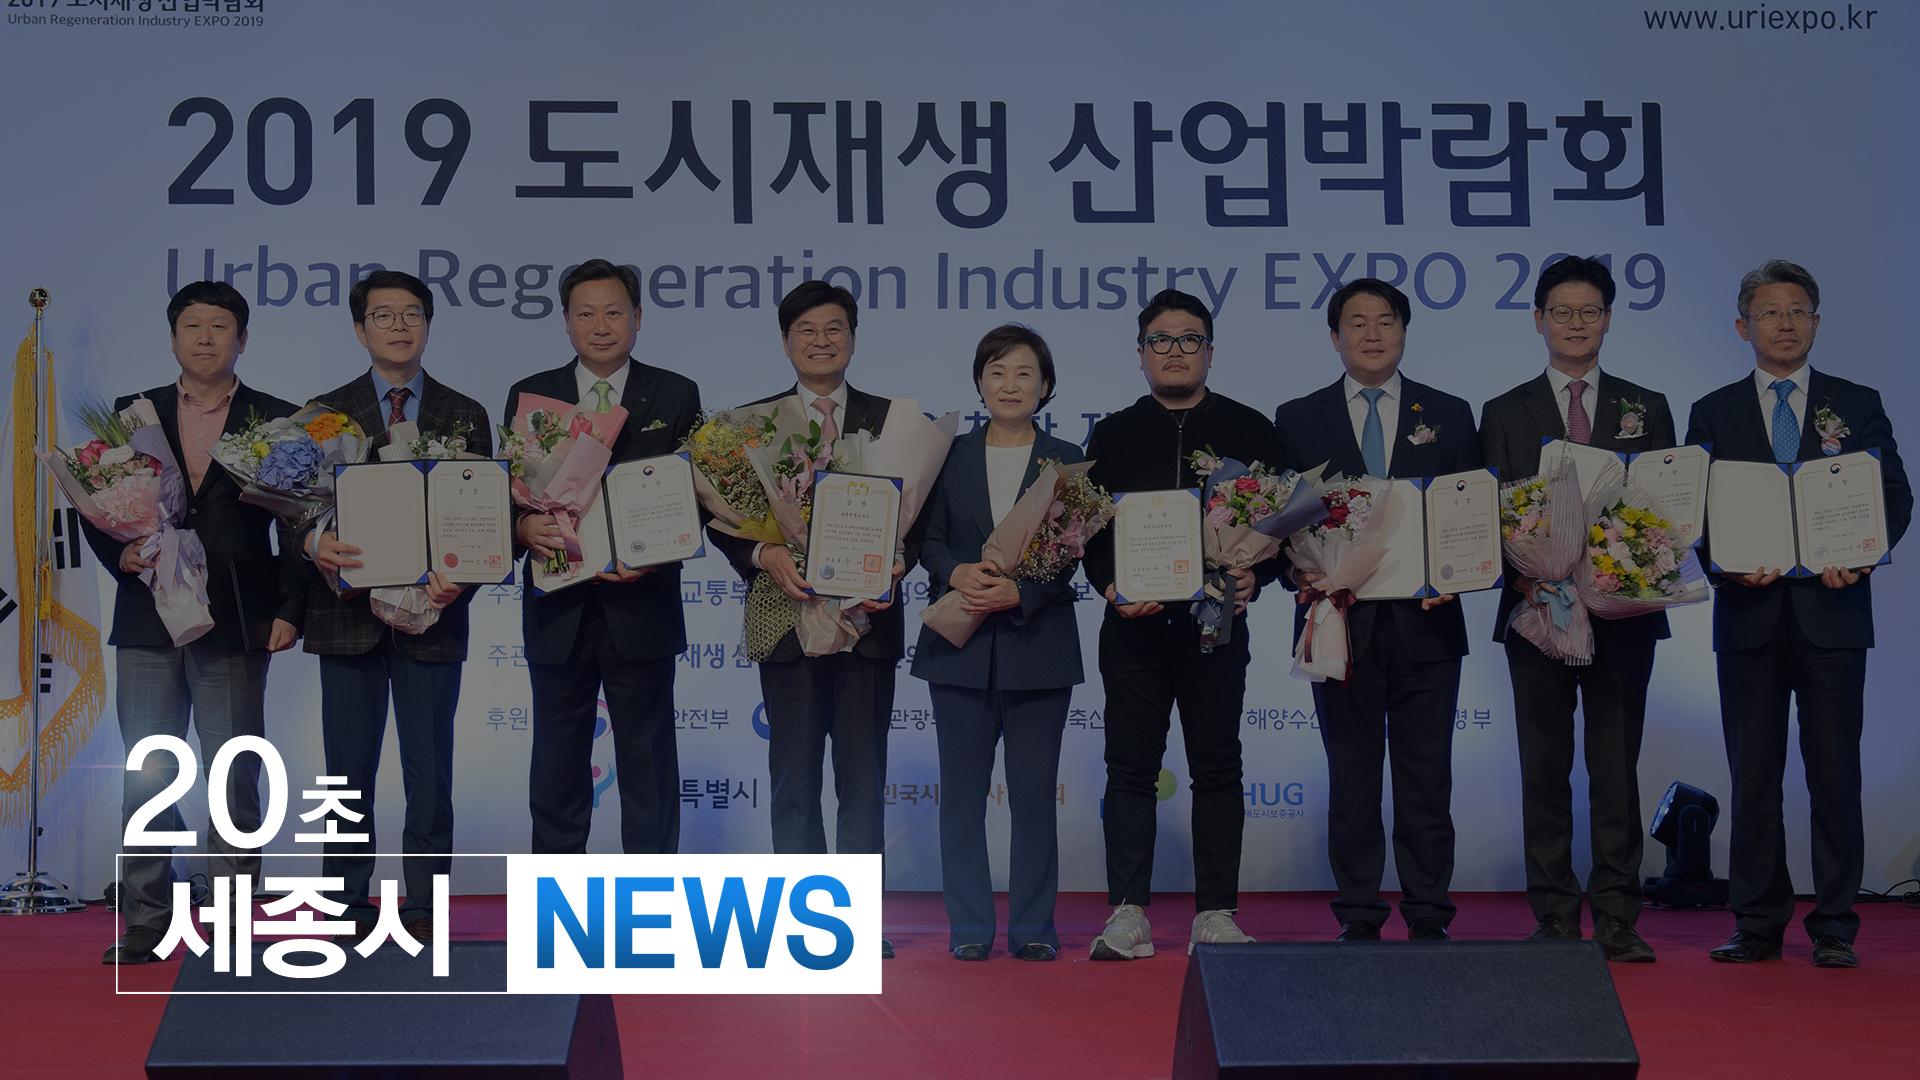 <20초뉴스> 청춘조치원 사업 도시재생 분야 최고상 수상